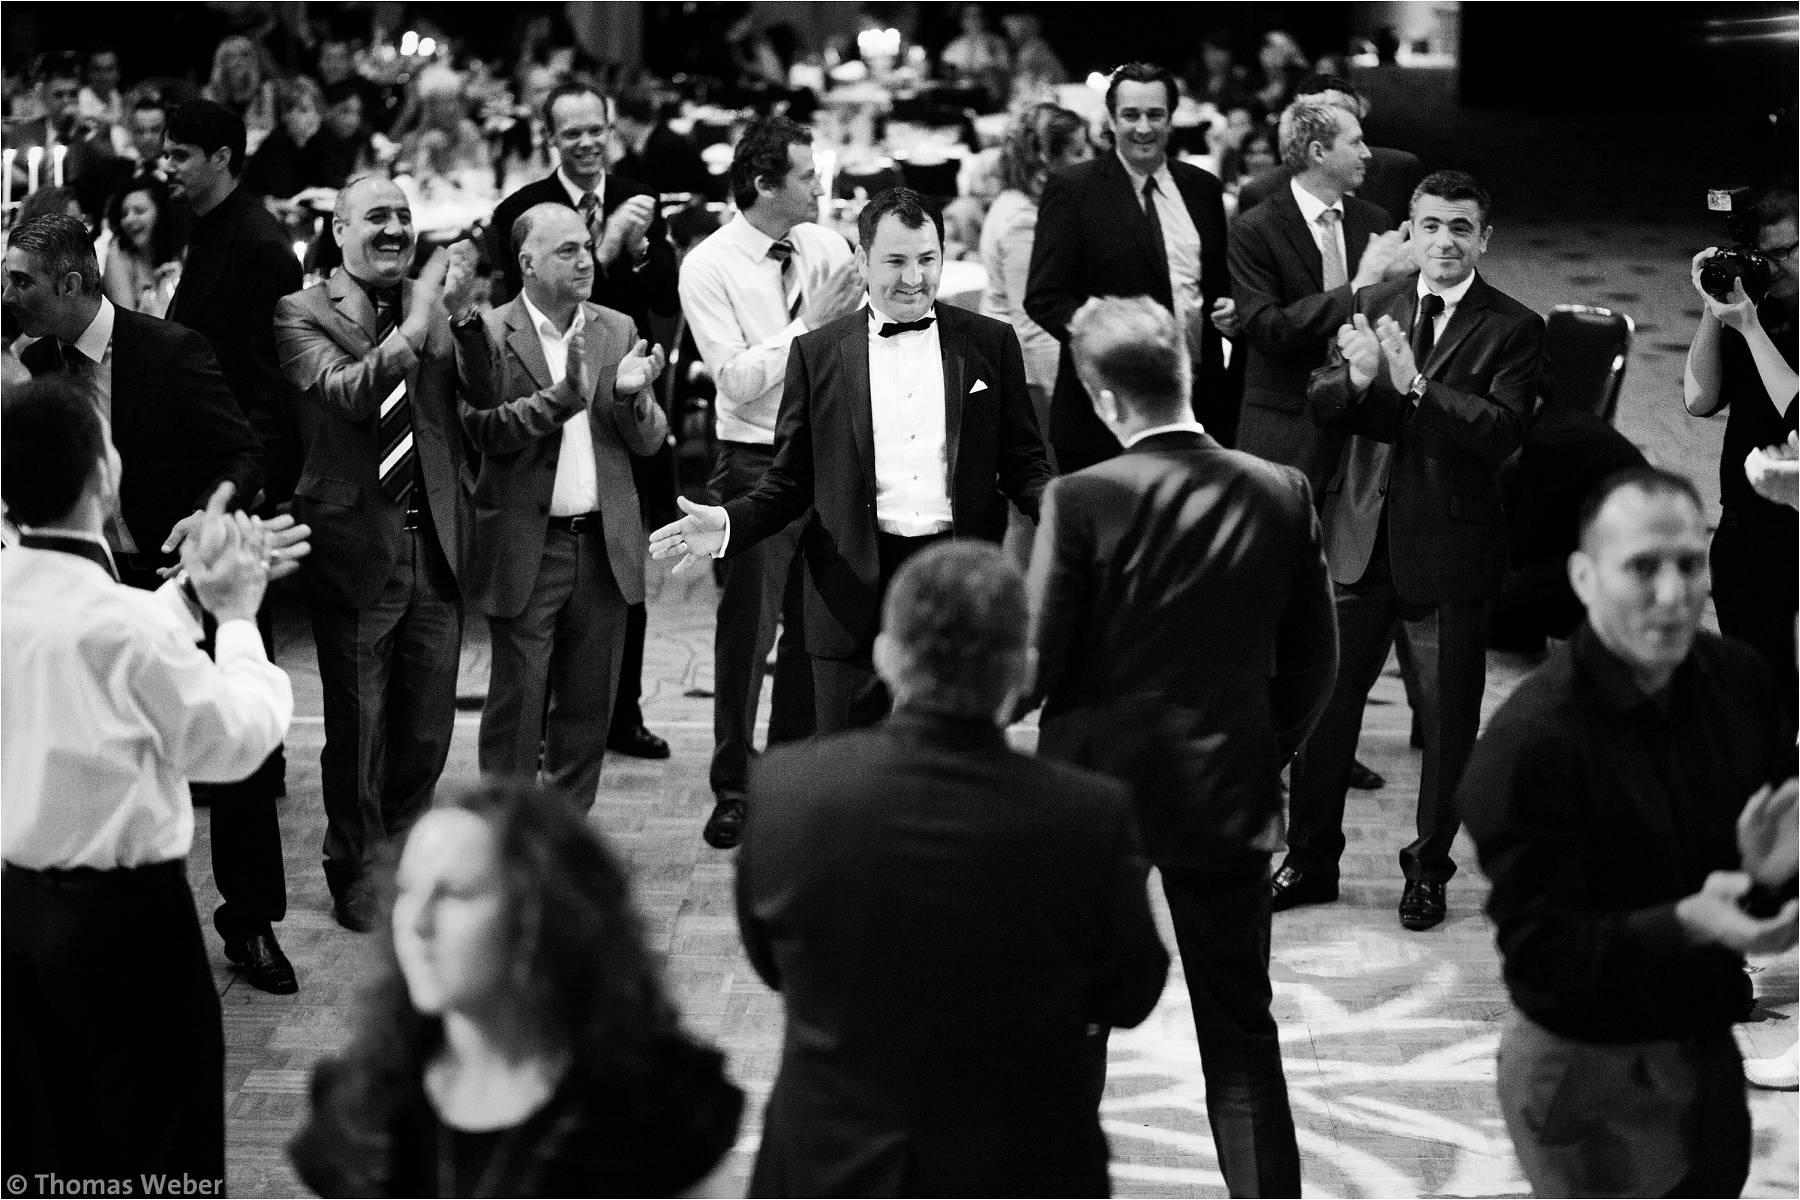 Hochzeitsfotograf Bremen: Türkische Hochzeit auf dem Lür Kropp Hof und Hochzeitsfeier im Maritim Hotel Bremen (21)